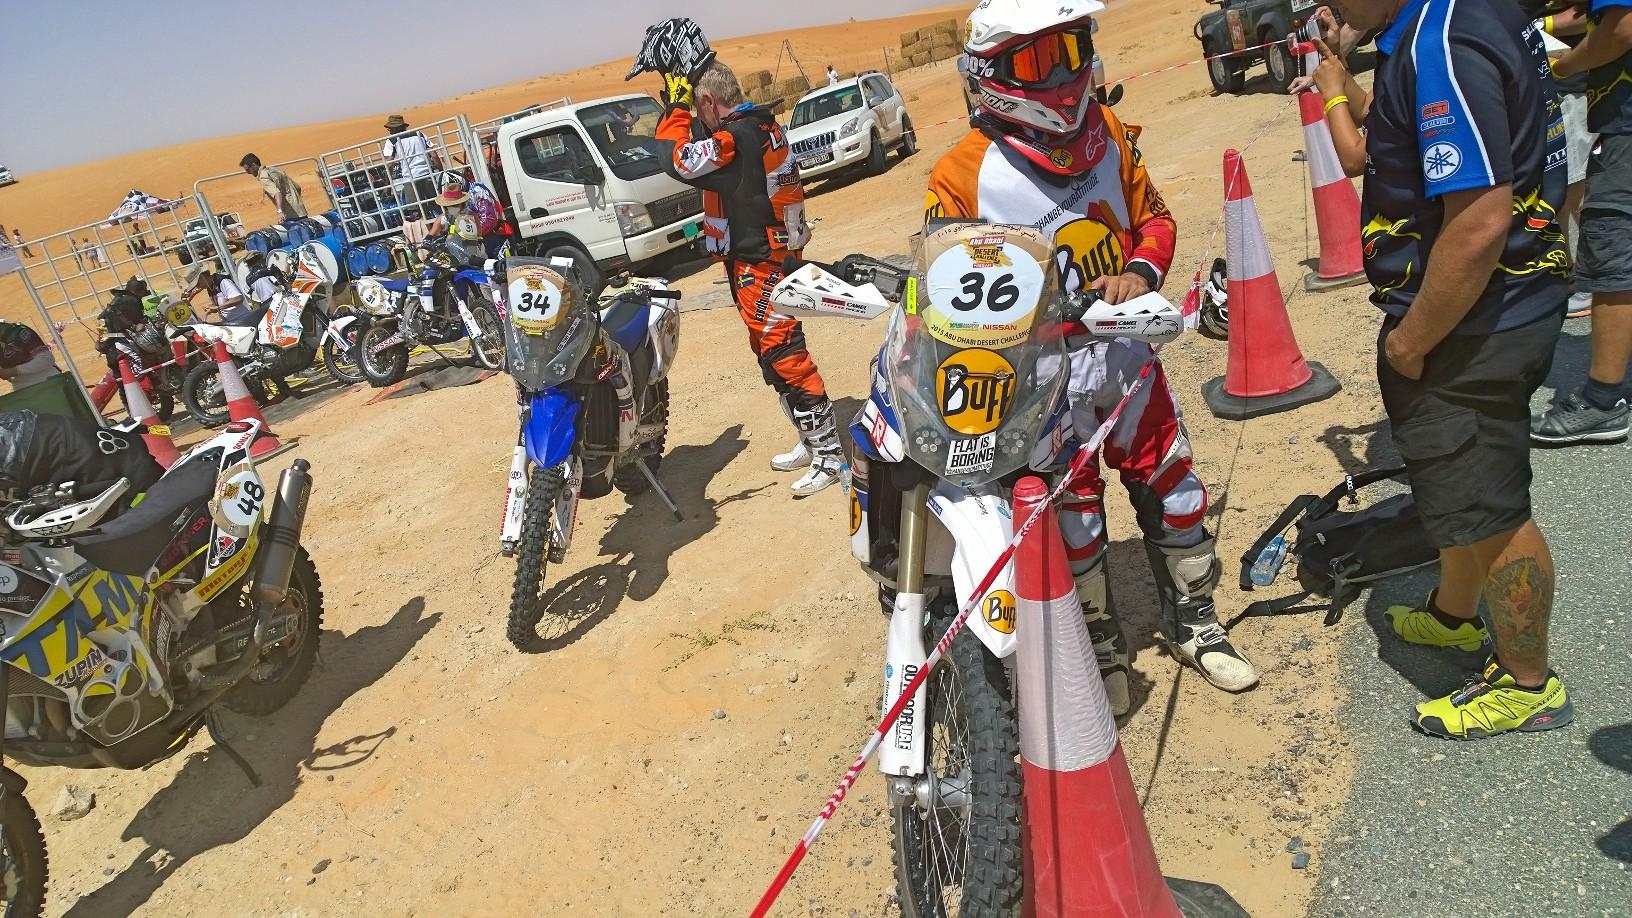 Abu Dhabi Desert Challenge 2015 Yamaha WR450F Rally 27